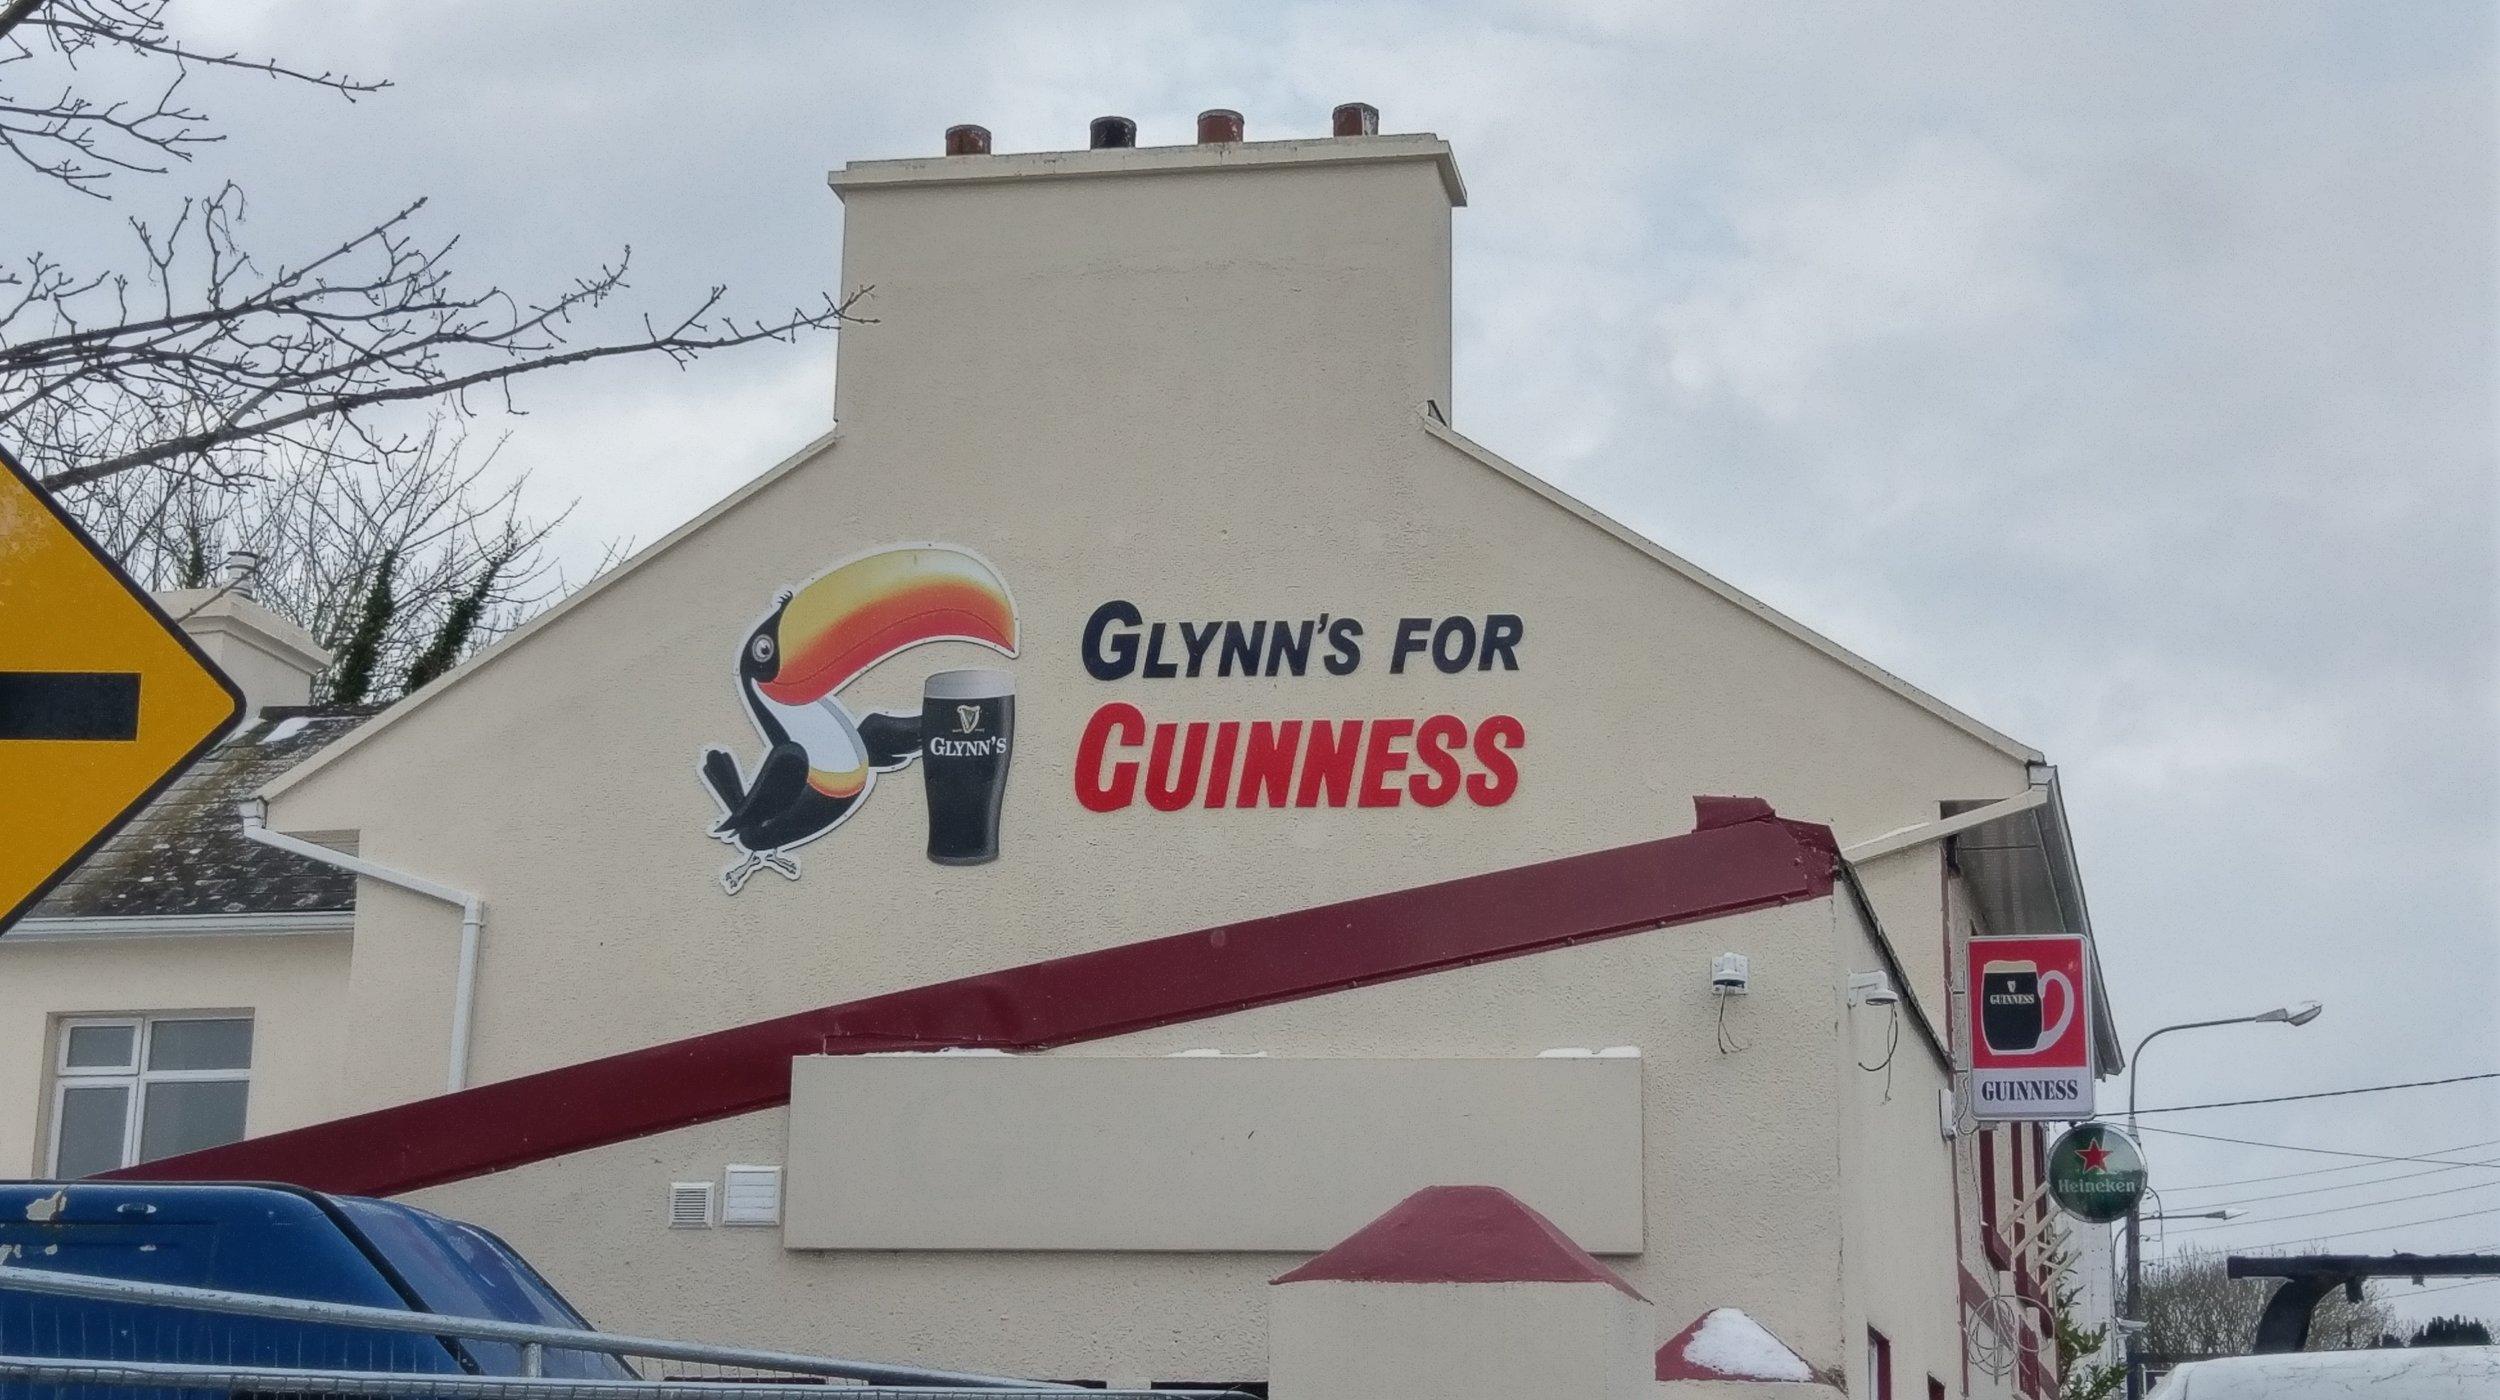 glynns for guinness.jpg